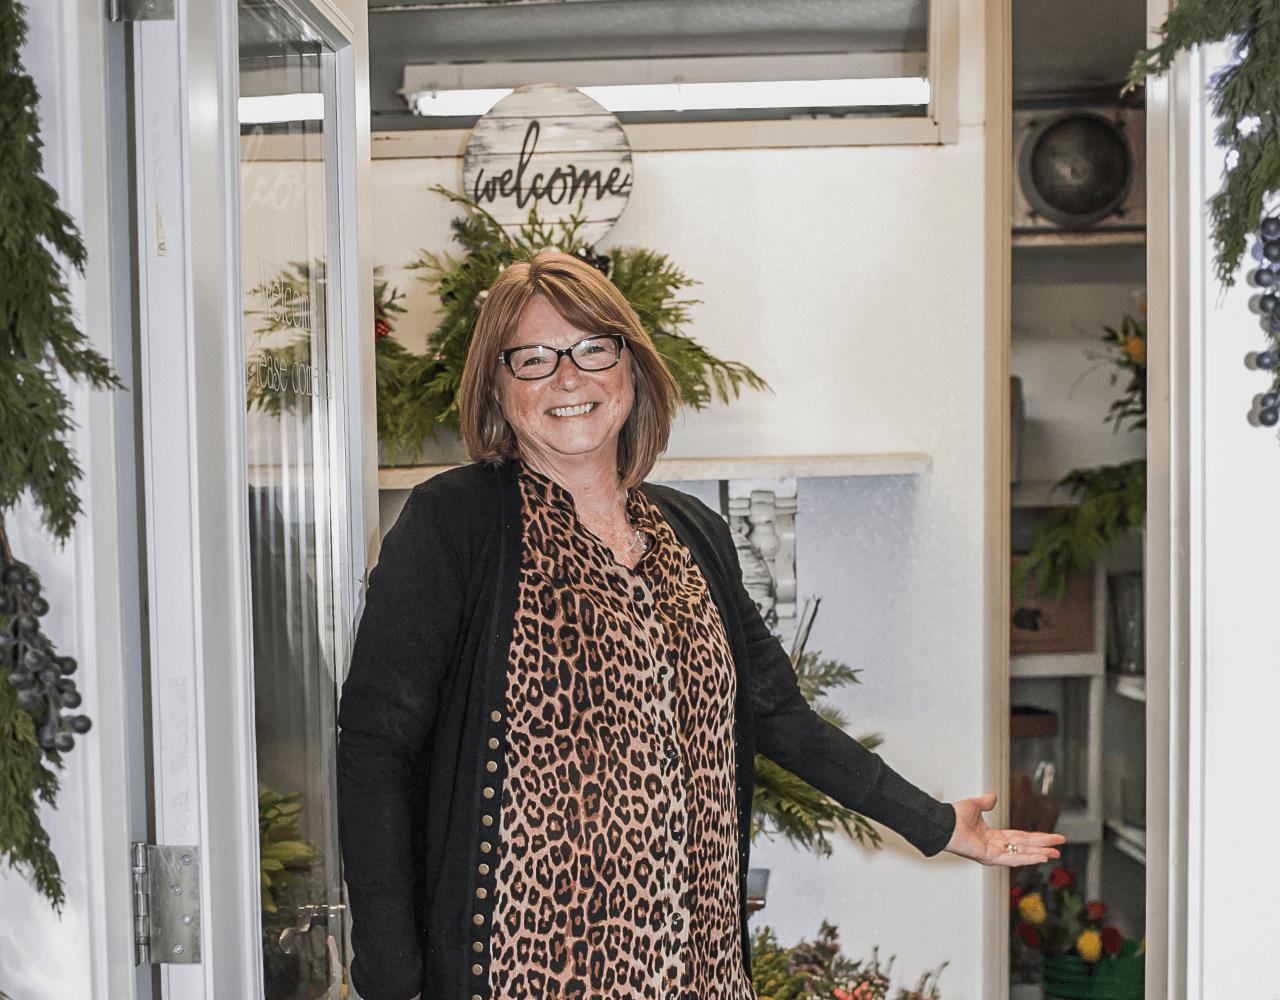 owner in doorway of flower refrigerator